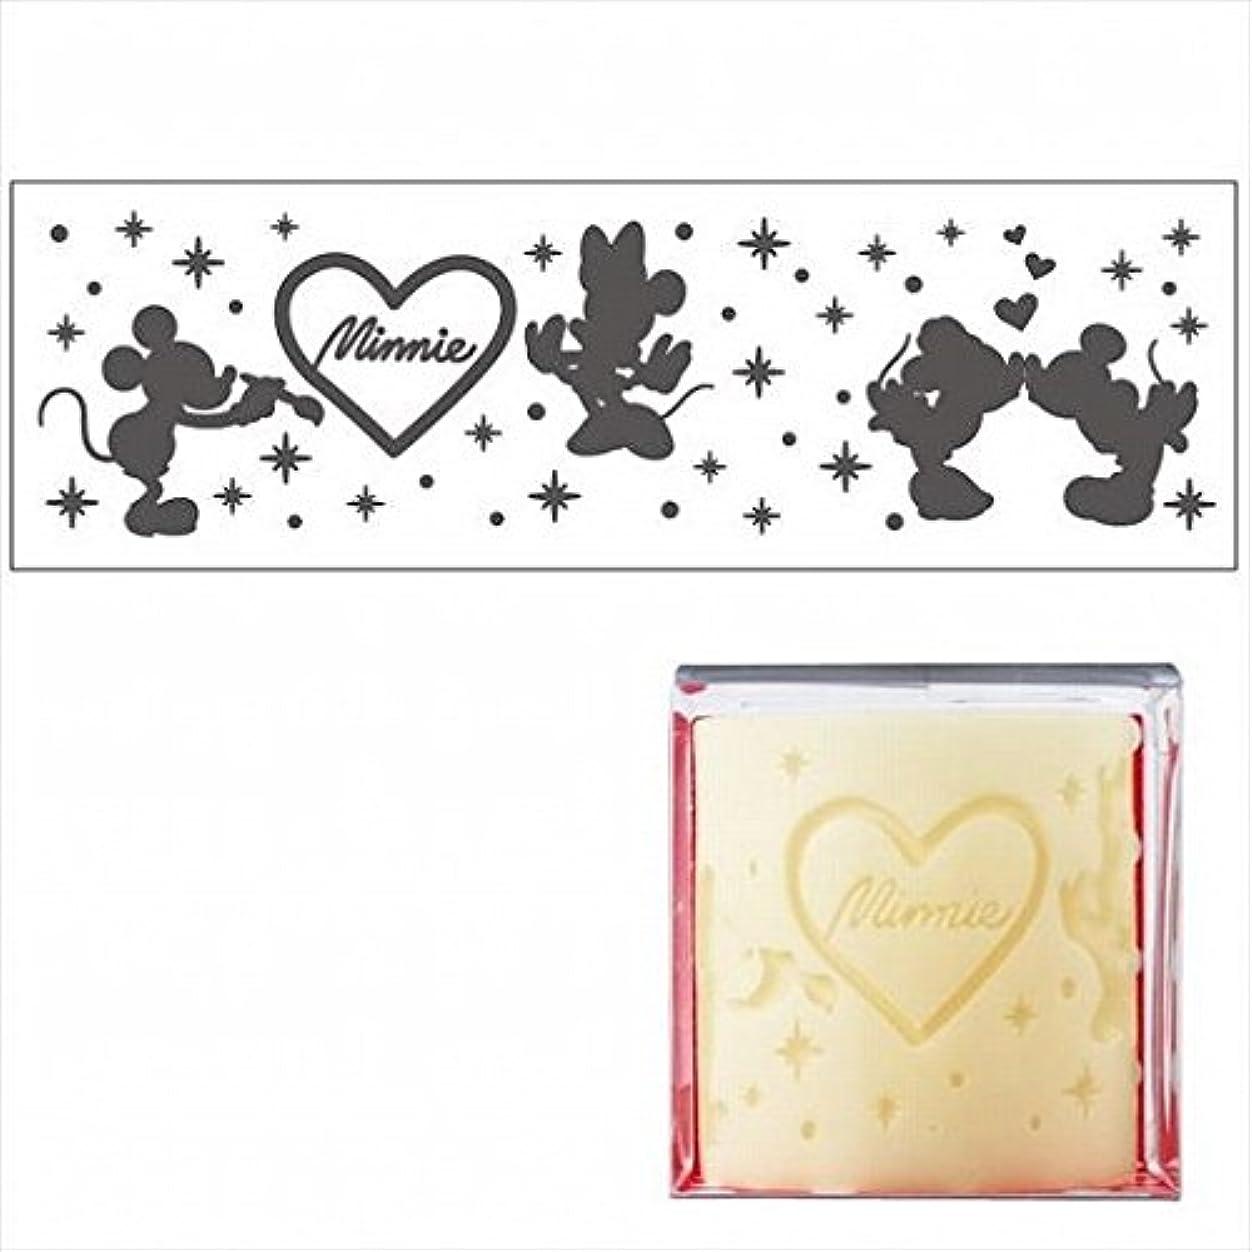 受け入れたハッチ不定kameyama candle(カメヤマキャンドル) ディズニーLEDキャンドル 「 ミッキー&ミニー 」(A4320010)